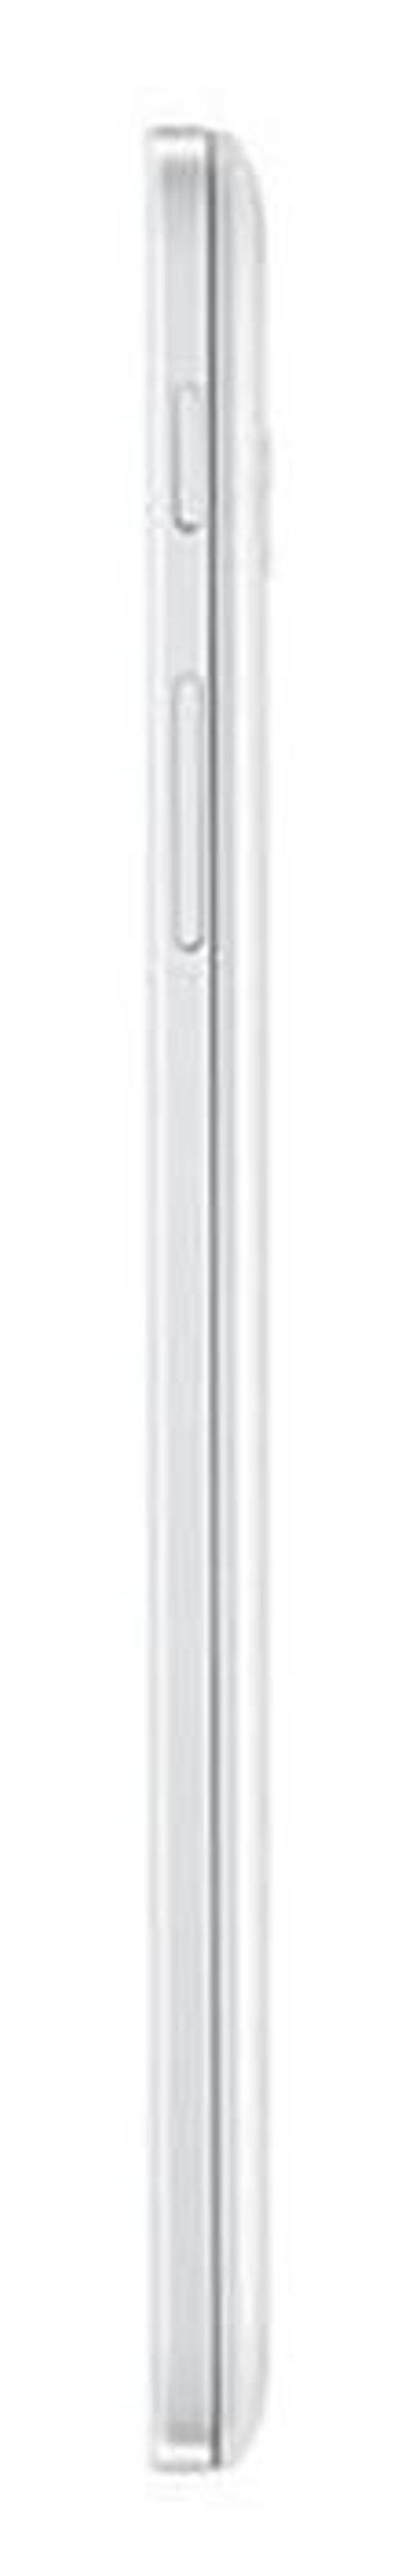 طرف تابلت سامسونج جلاكسي تاب 3 لايت 8 جيجابايت خاصية اتصال 3G ابيض